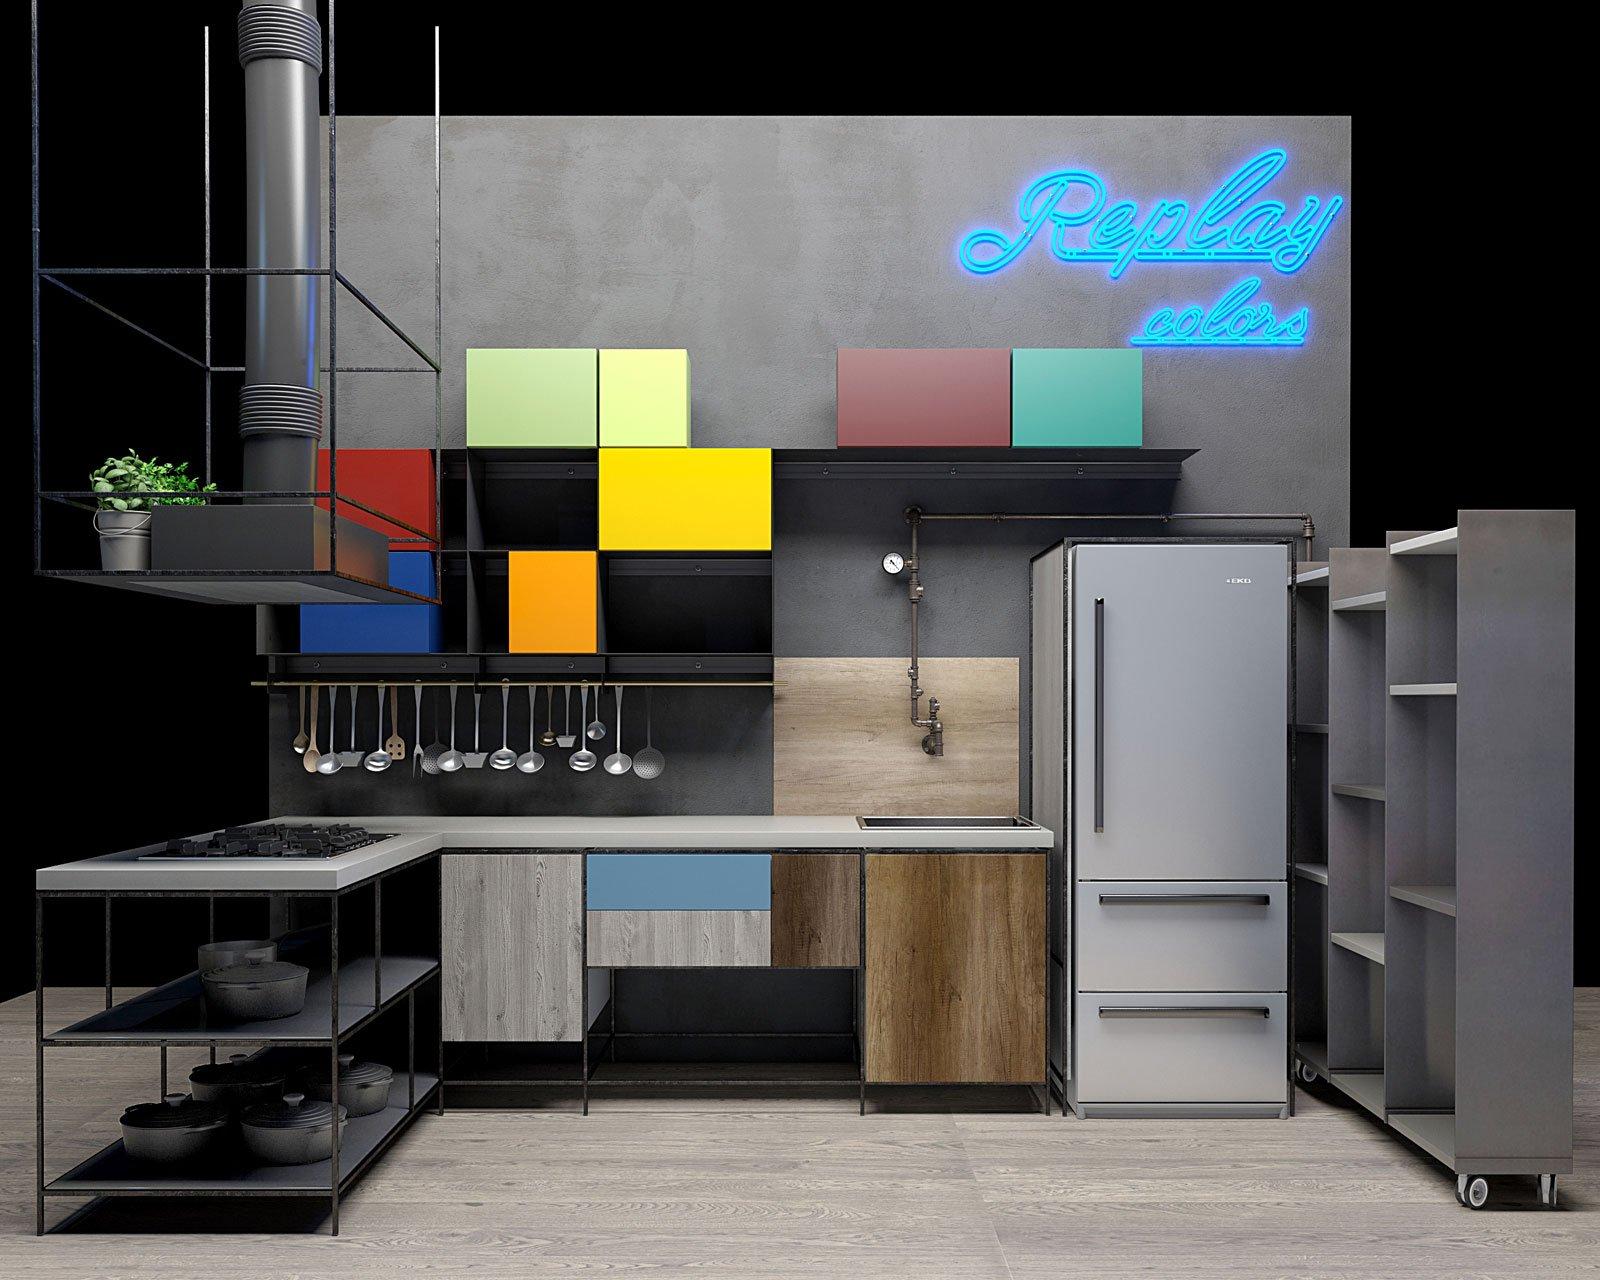 Stosa allestimento replay 01 cose di casa - Cucina replay stosa ...